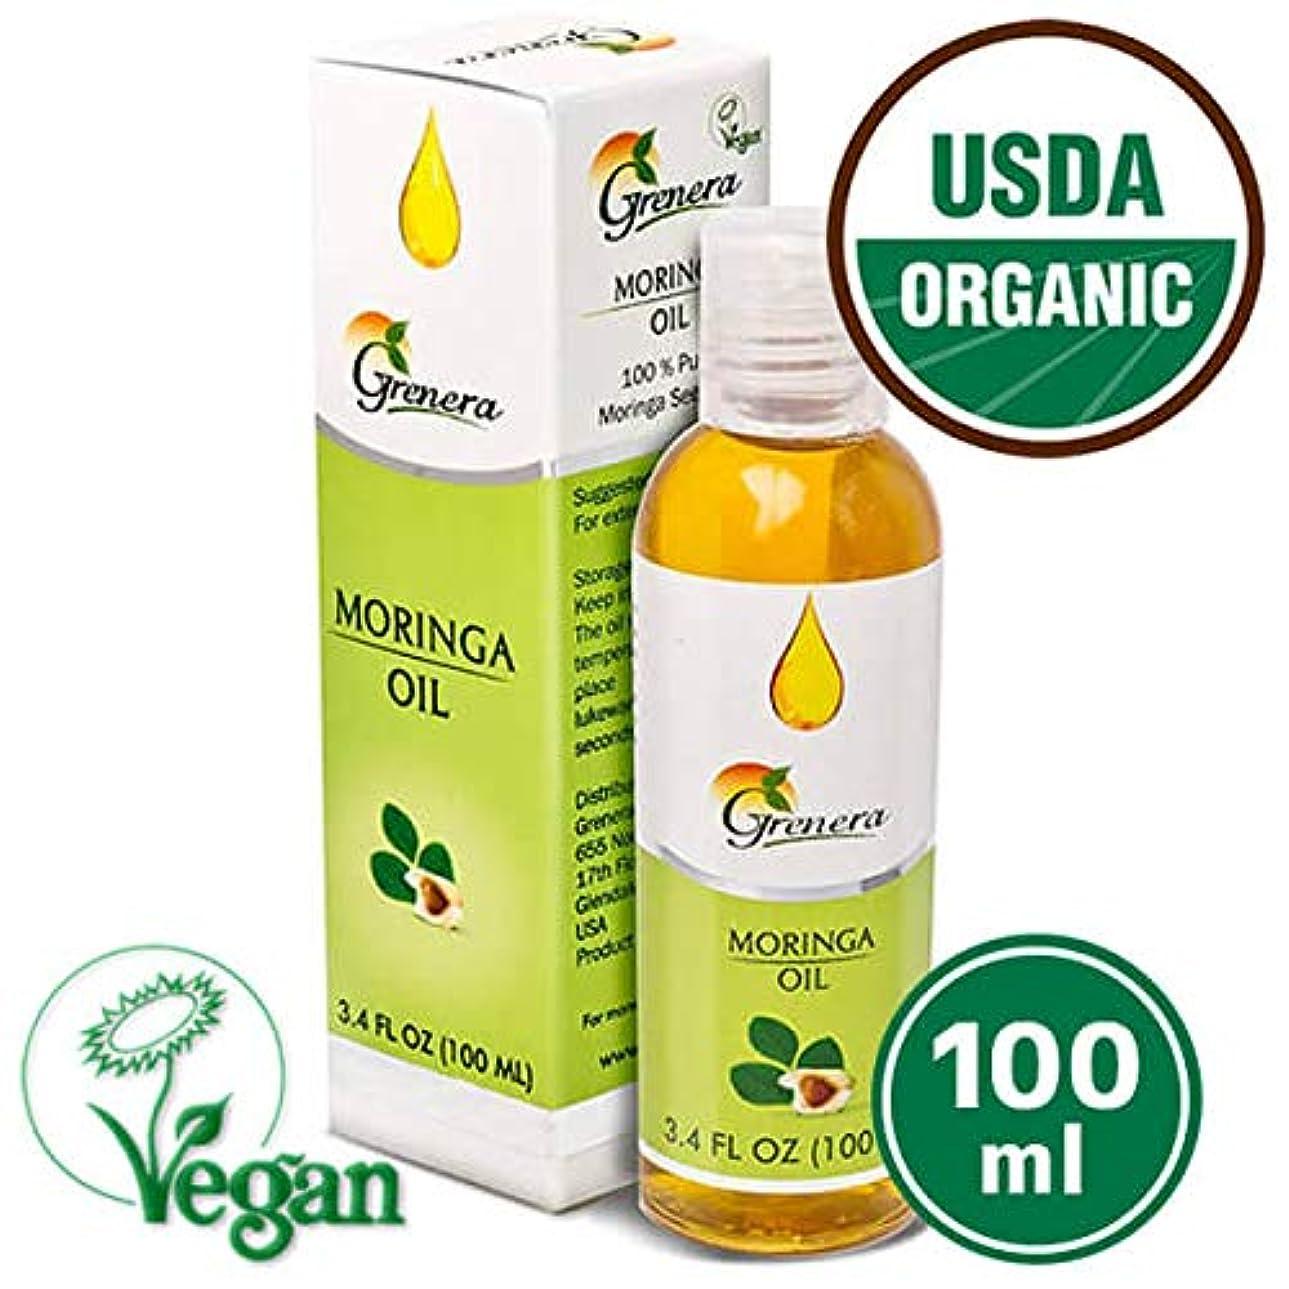 grenera 最高品質 オーガニック モリンガオイル 100% 100ml USDA認証 無希釈 コールドプレス 化学溶剤不使用